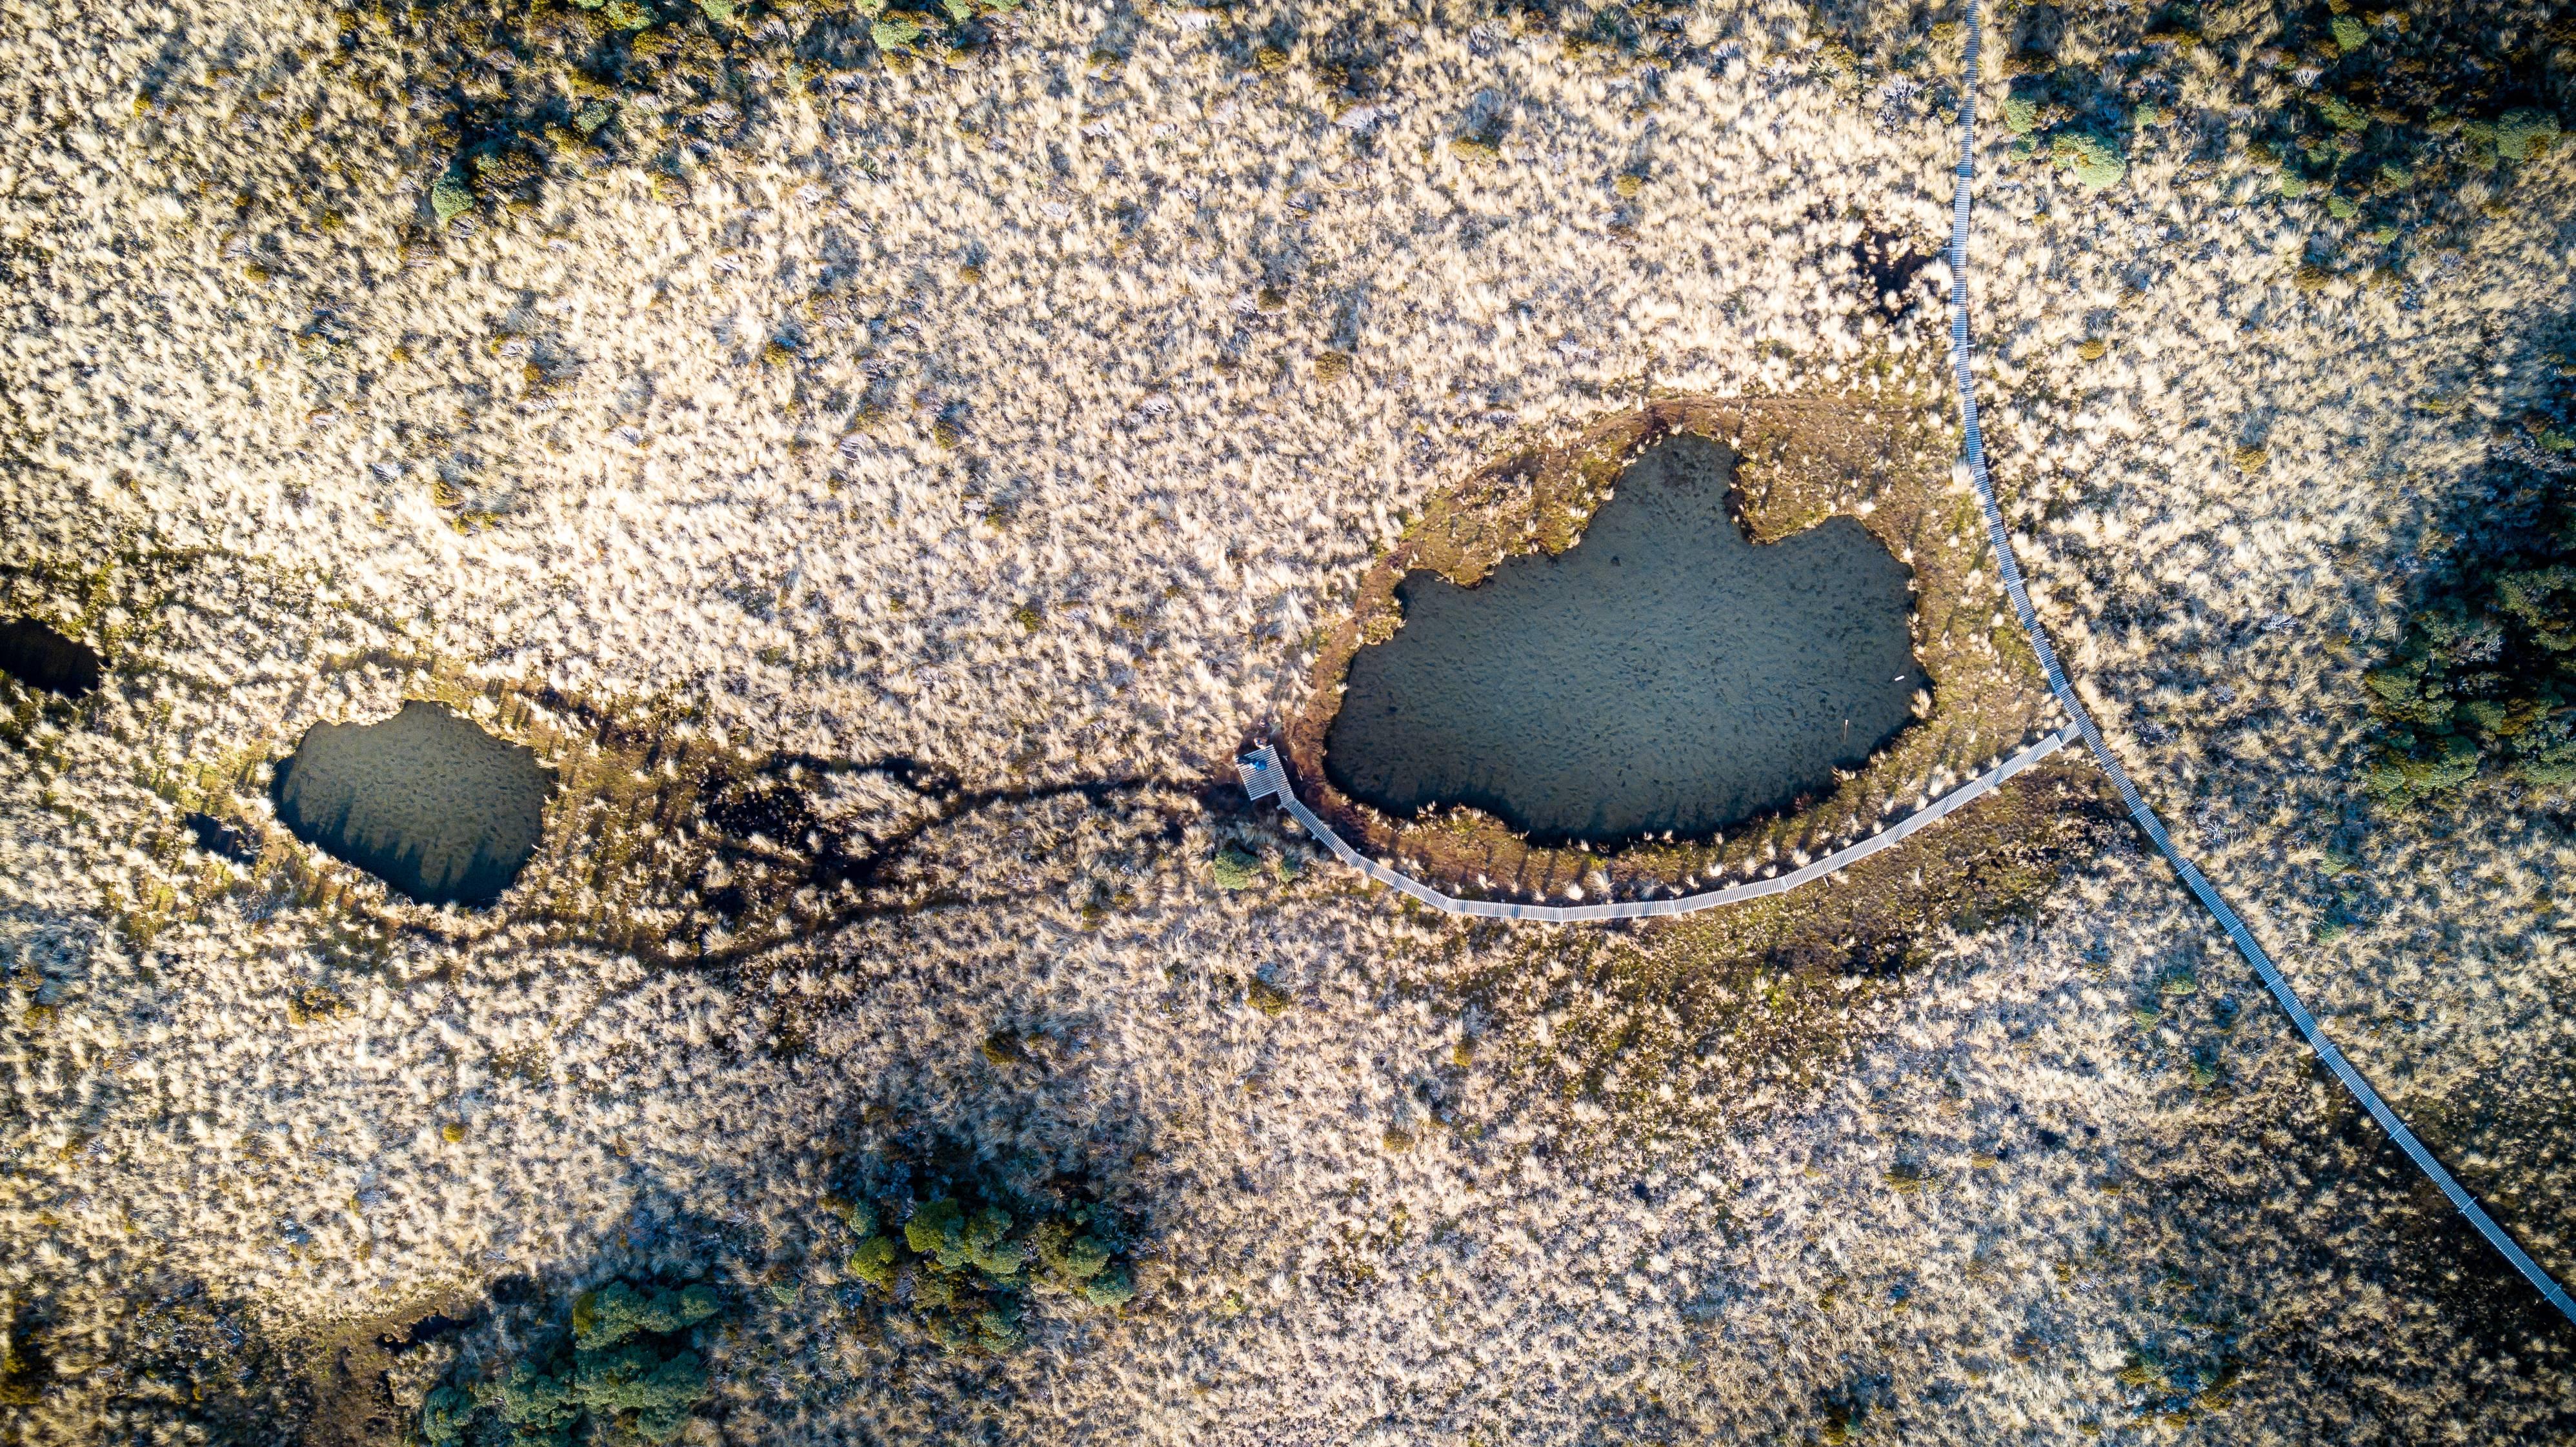 Photo 2: Mount Taranaki